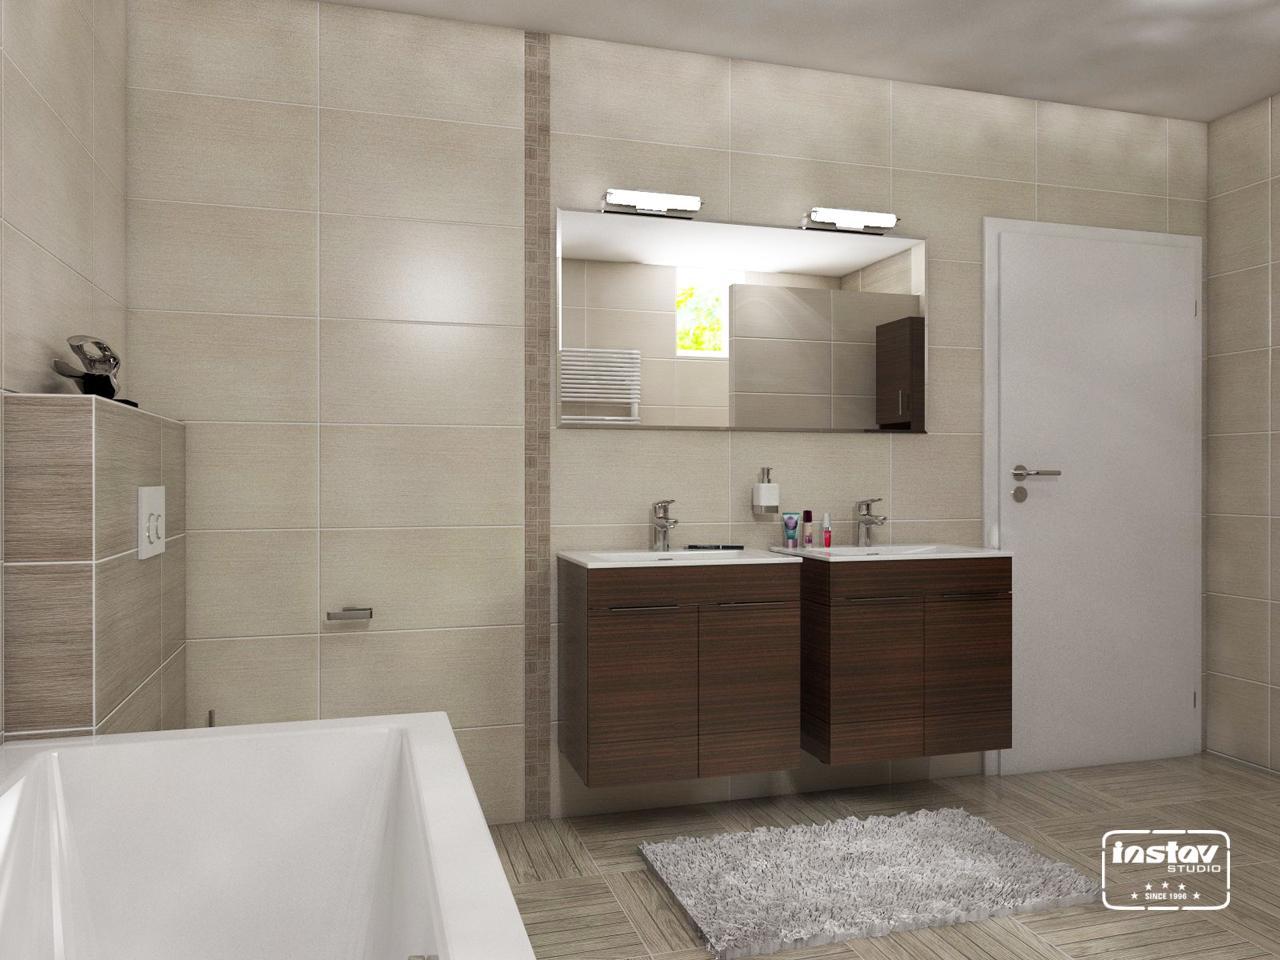 Vizualizácie kúpeľní - Vizualizácia kúpeľne - Bora